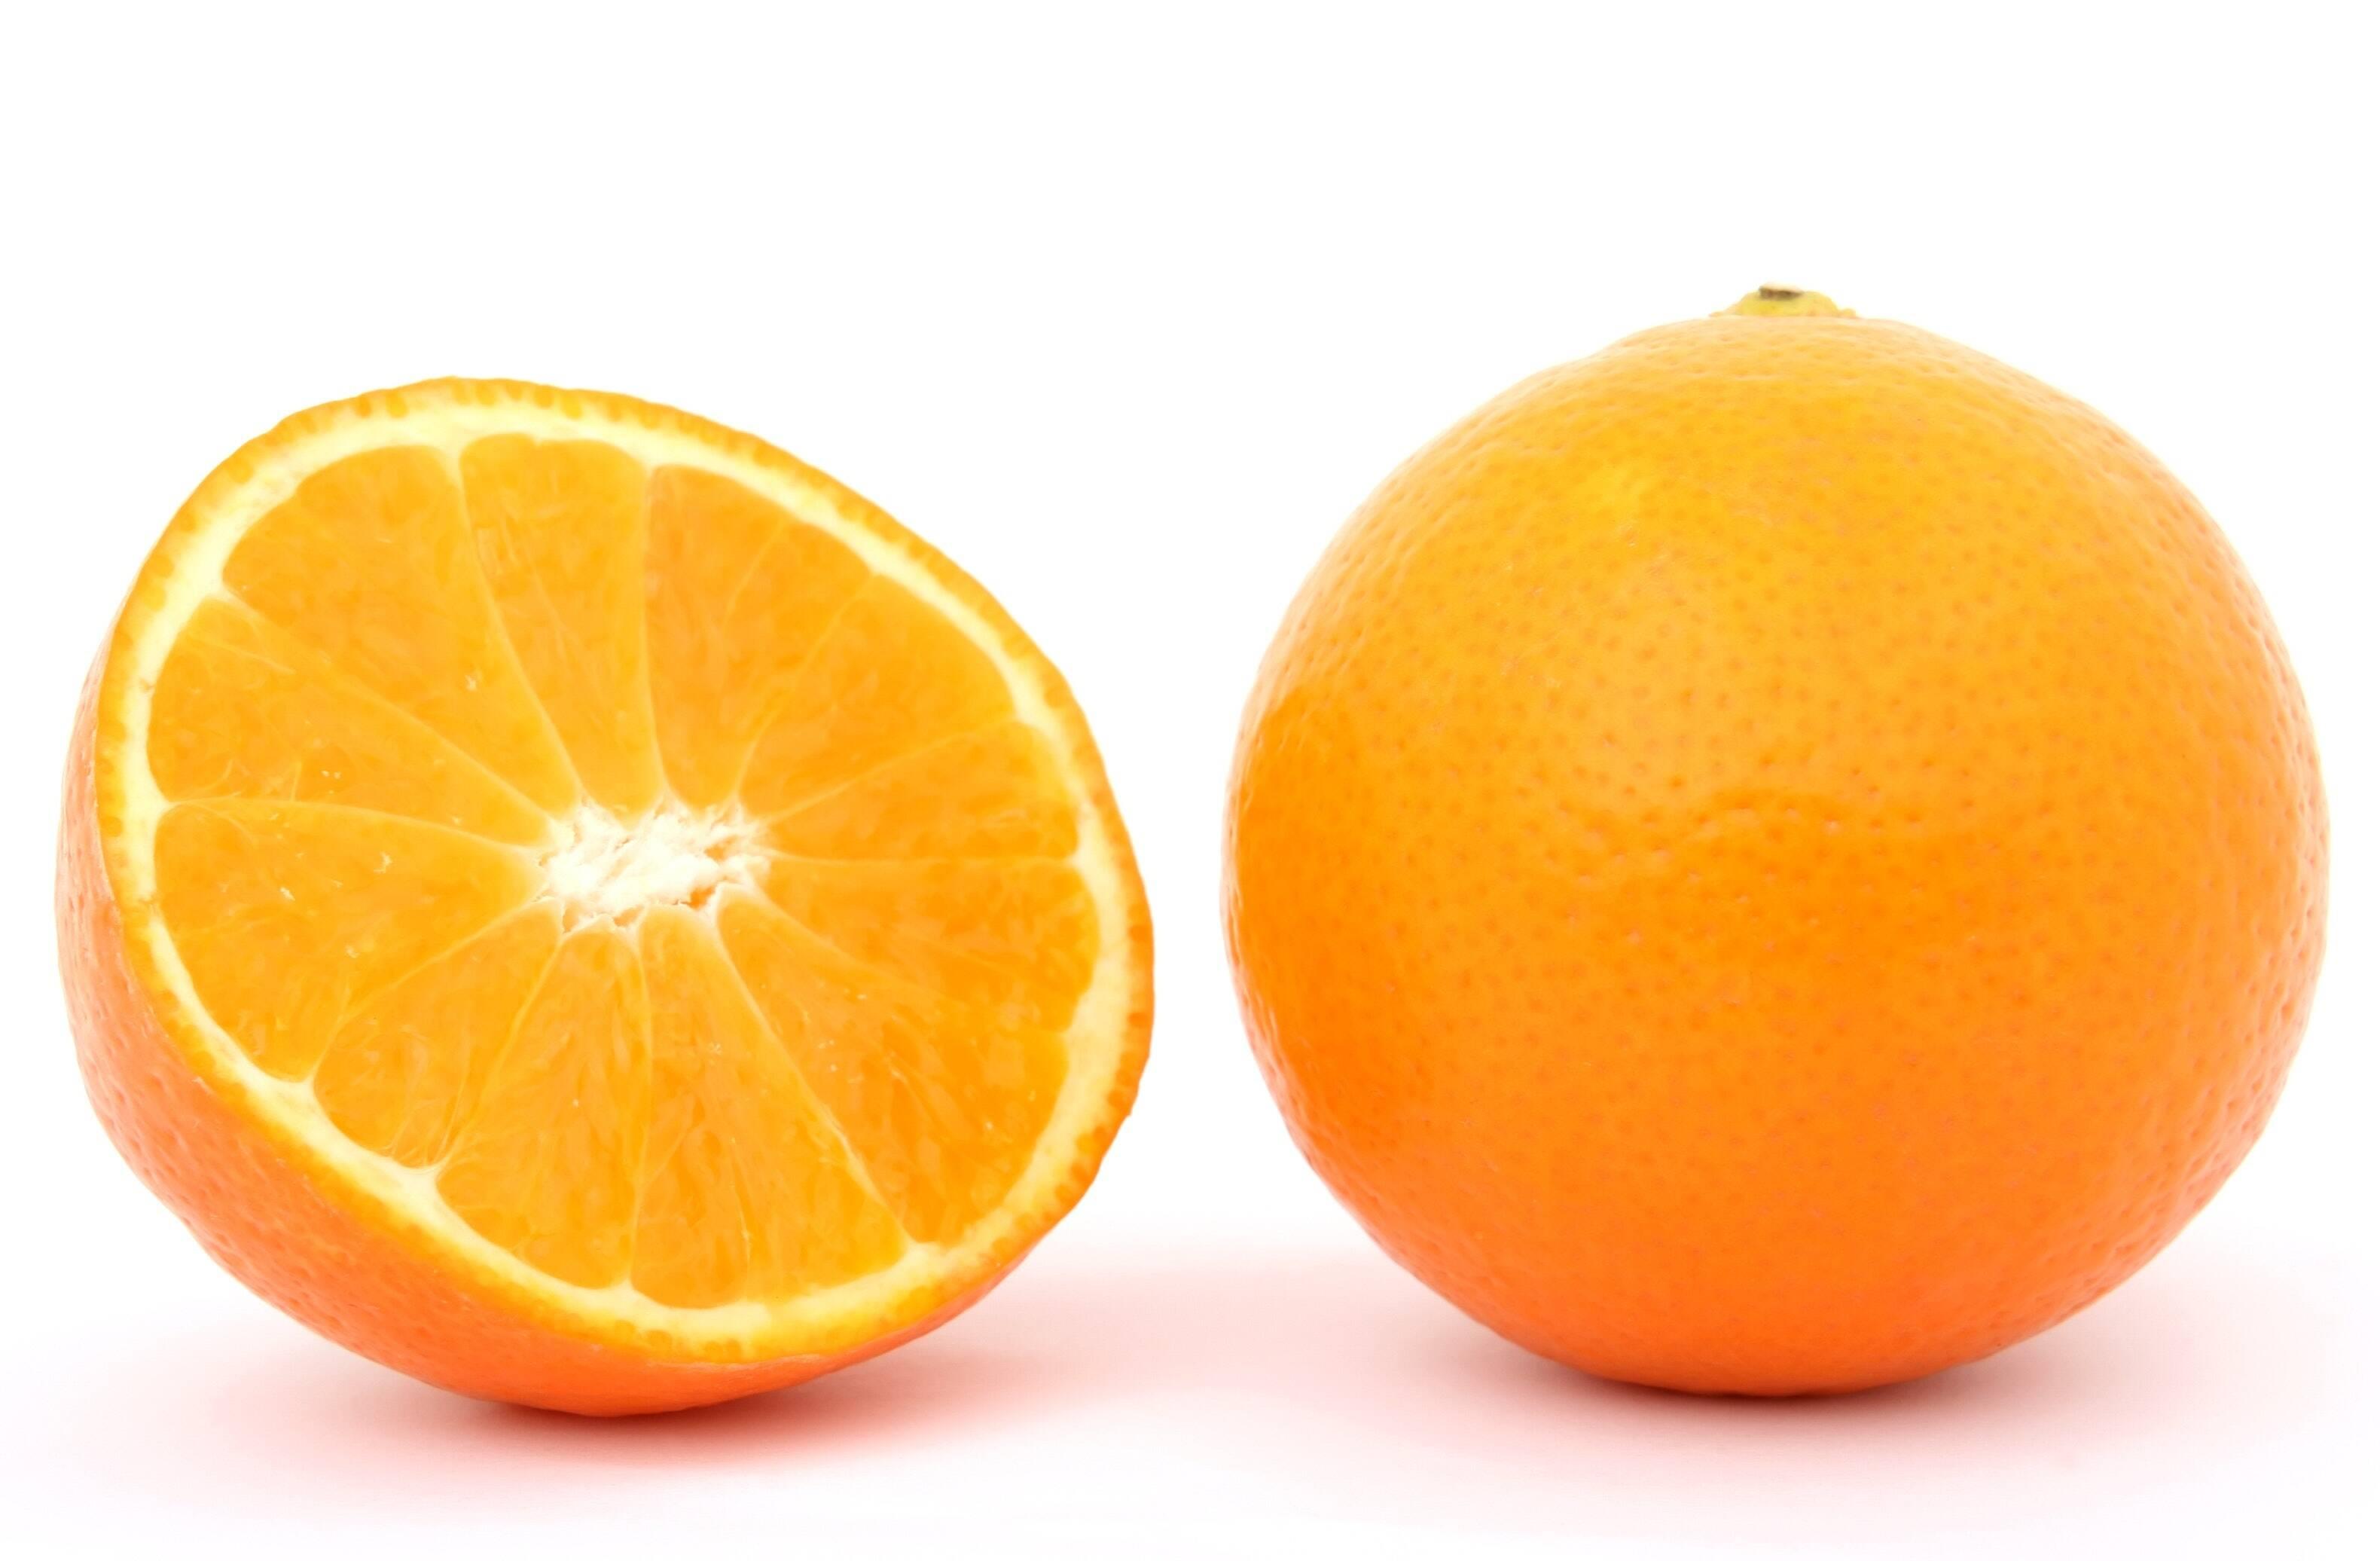 7.- laranja - Um copo de suco de laranja que bebemos por dia é extremamente eficaz na hidratação do corpo. Também podemos comê-lo em segmentos e será igualmente nutritivo. É uma fruta cítrica que contém 88% de água, é rica em potássio, ácido fólico e vitamina C, entre outros nutrientes. Ajuda a regeneração da pele e por isso é muito útil na cicatrização de feridas e queimaduras. (Foto: Pexels)